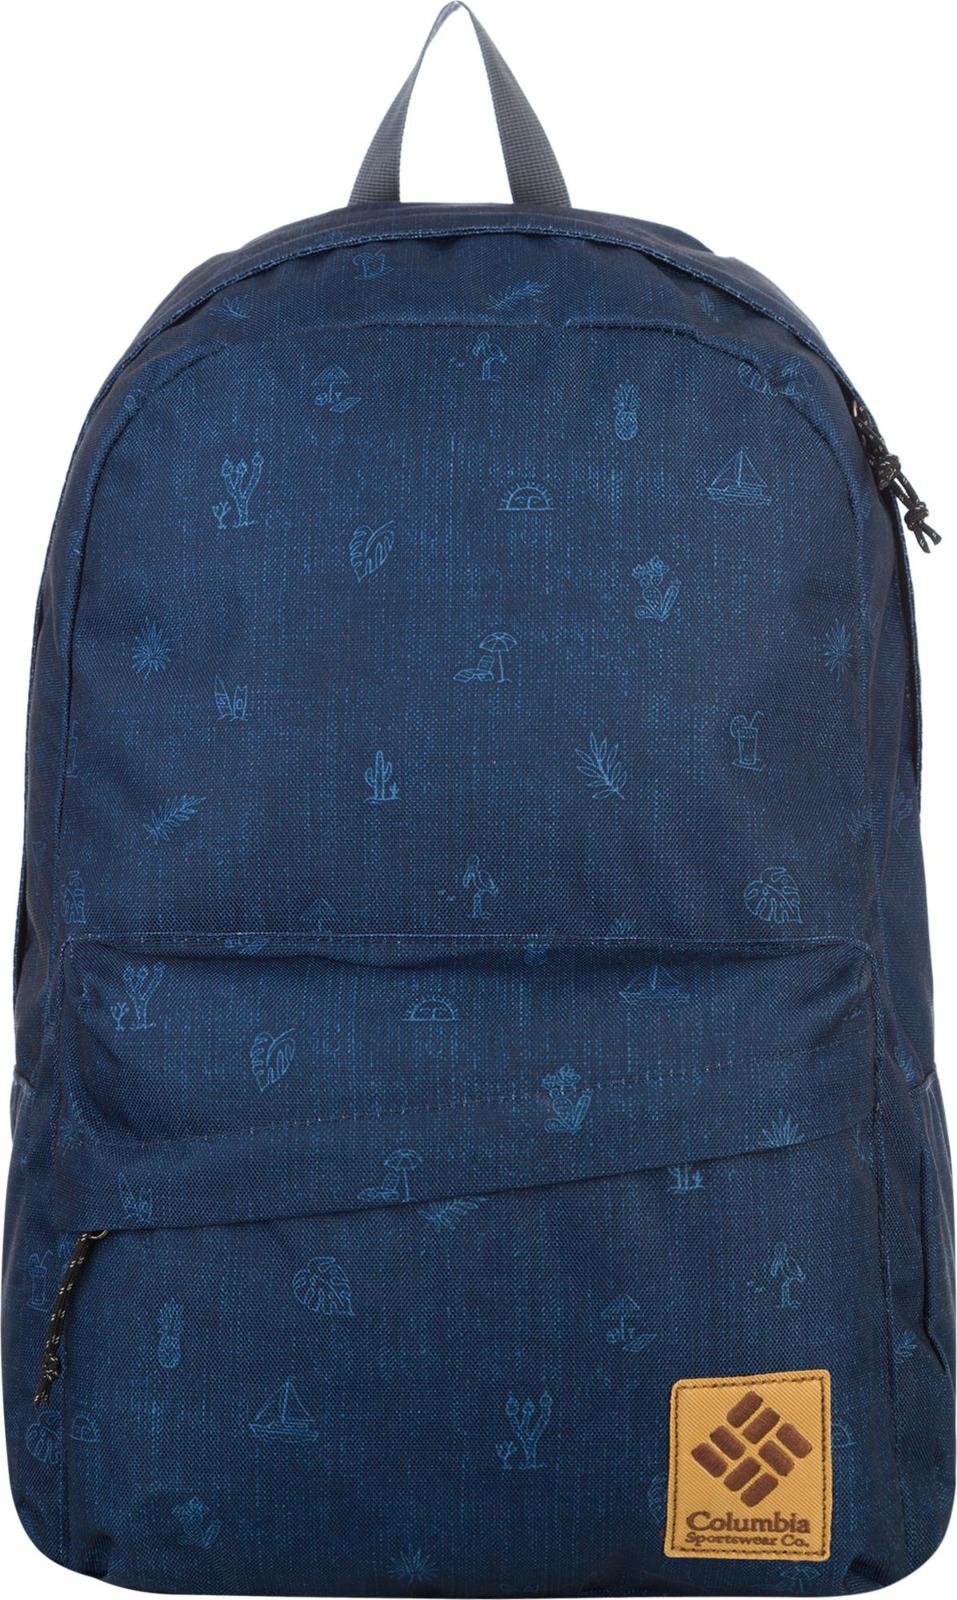 Рюкзак Columbia Jetfire Iii Daypack, 1819621-464, темно-синий цена и фото